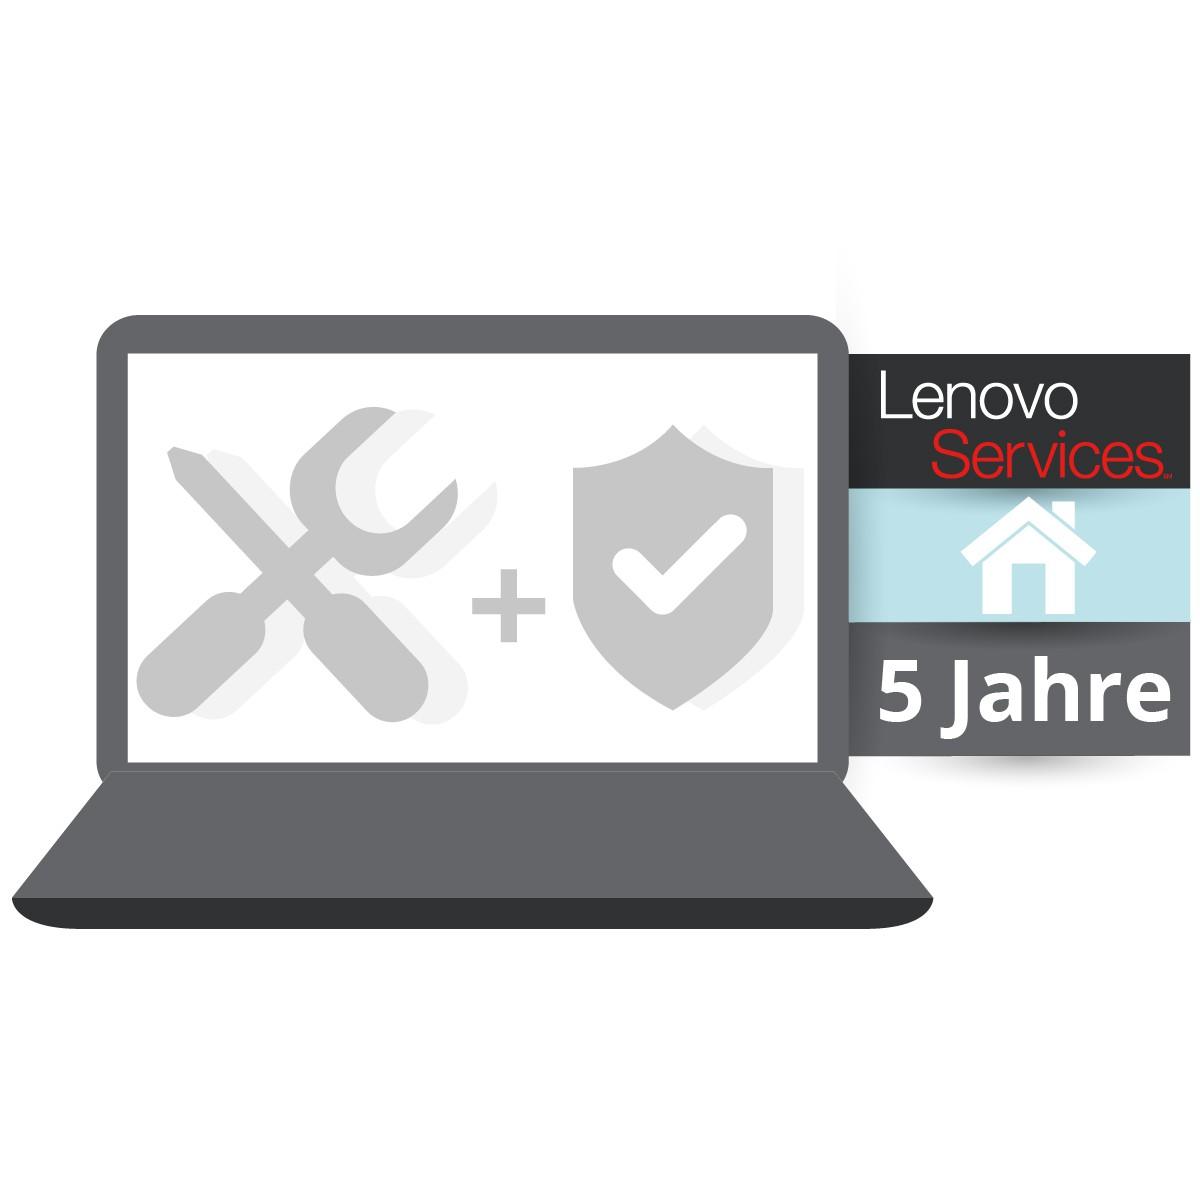 (EOL) Lenovo™ ThinkPlus® 5 Jahre Vor-Ort-Service (NBD) + Unfallschutz - Basisgarantie 3 Jahre Vor-Or